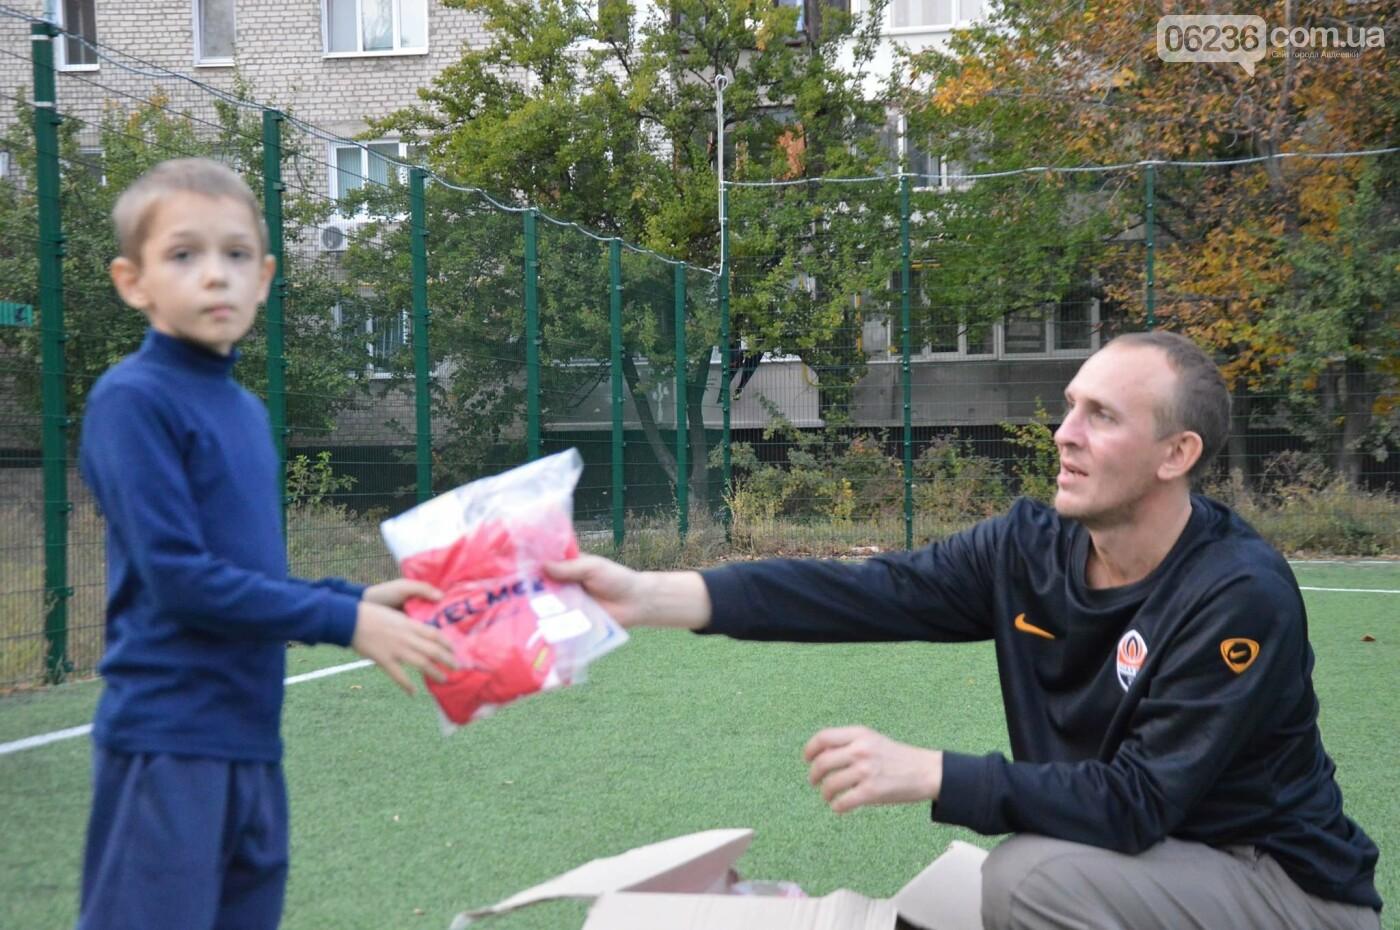 Нардеп Муса Магомедов продолжает поддерживать развитие спорта в Авдеевке (ФОТОФАКТ), фото-4